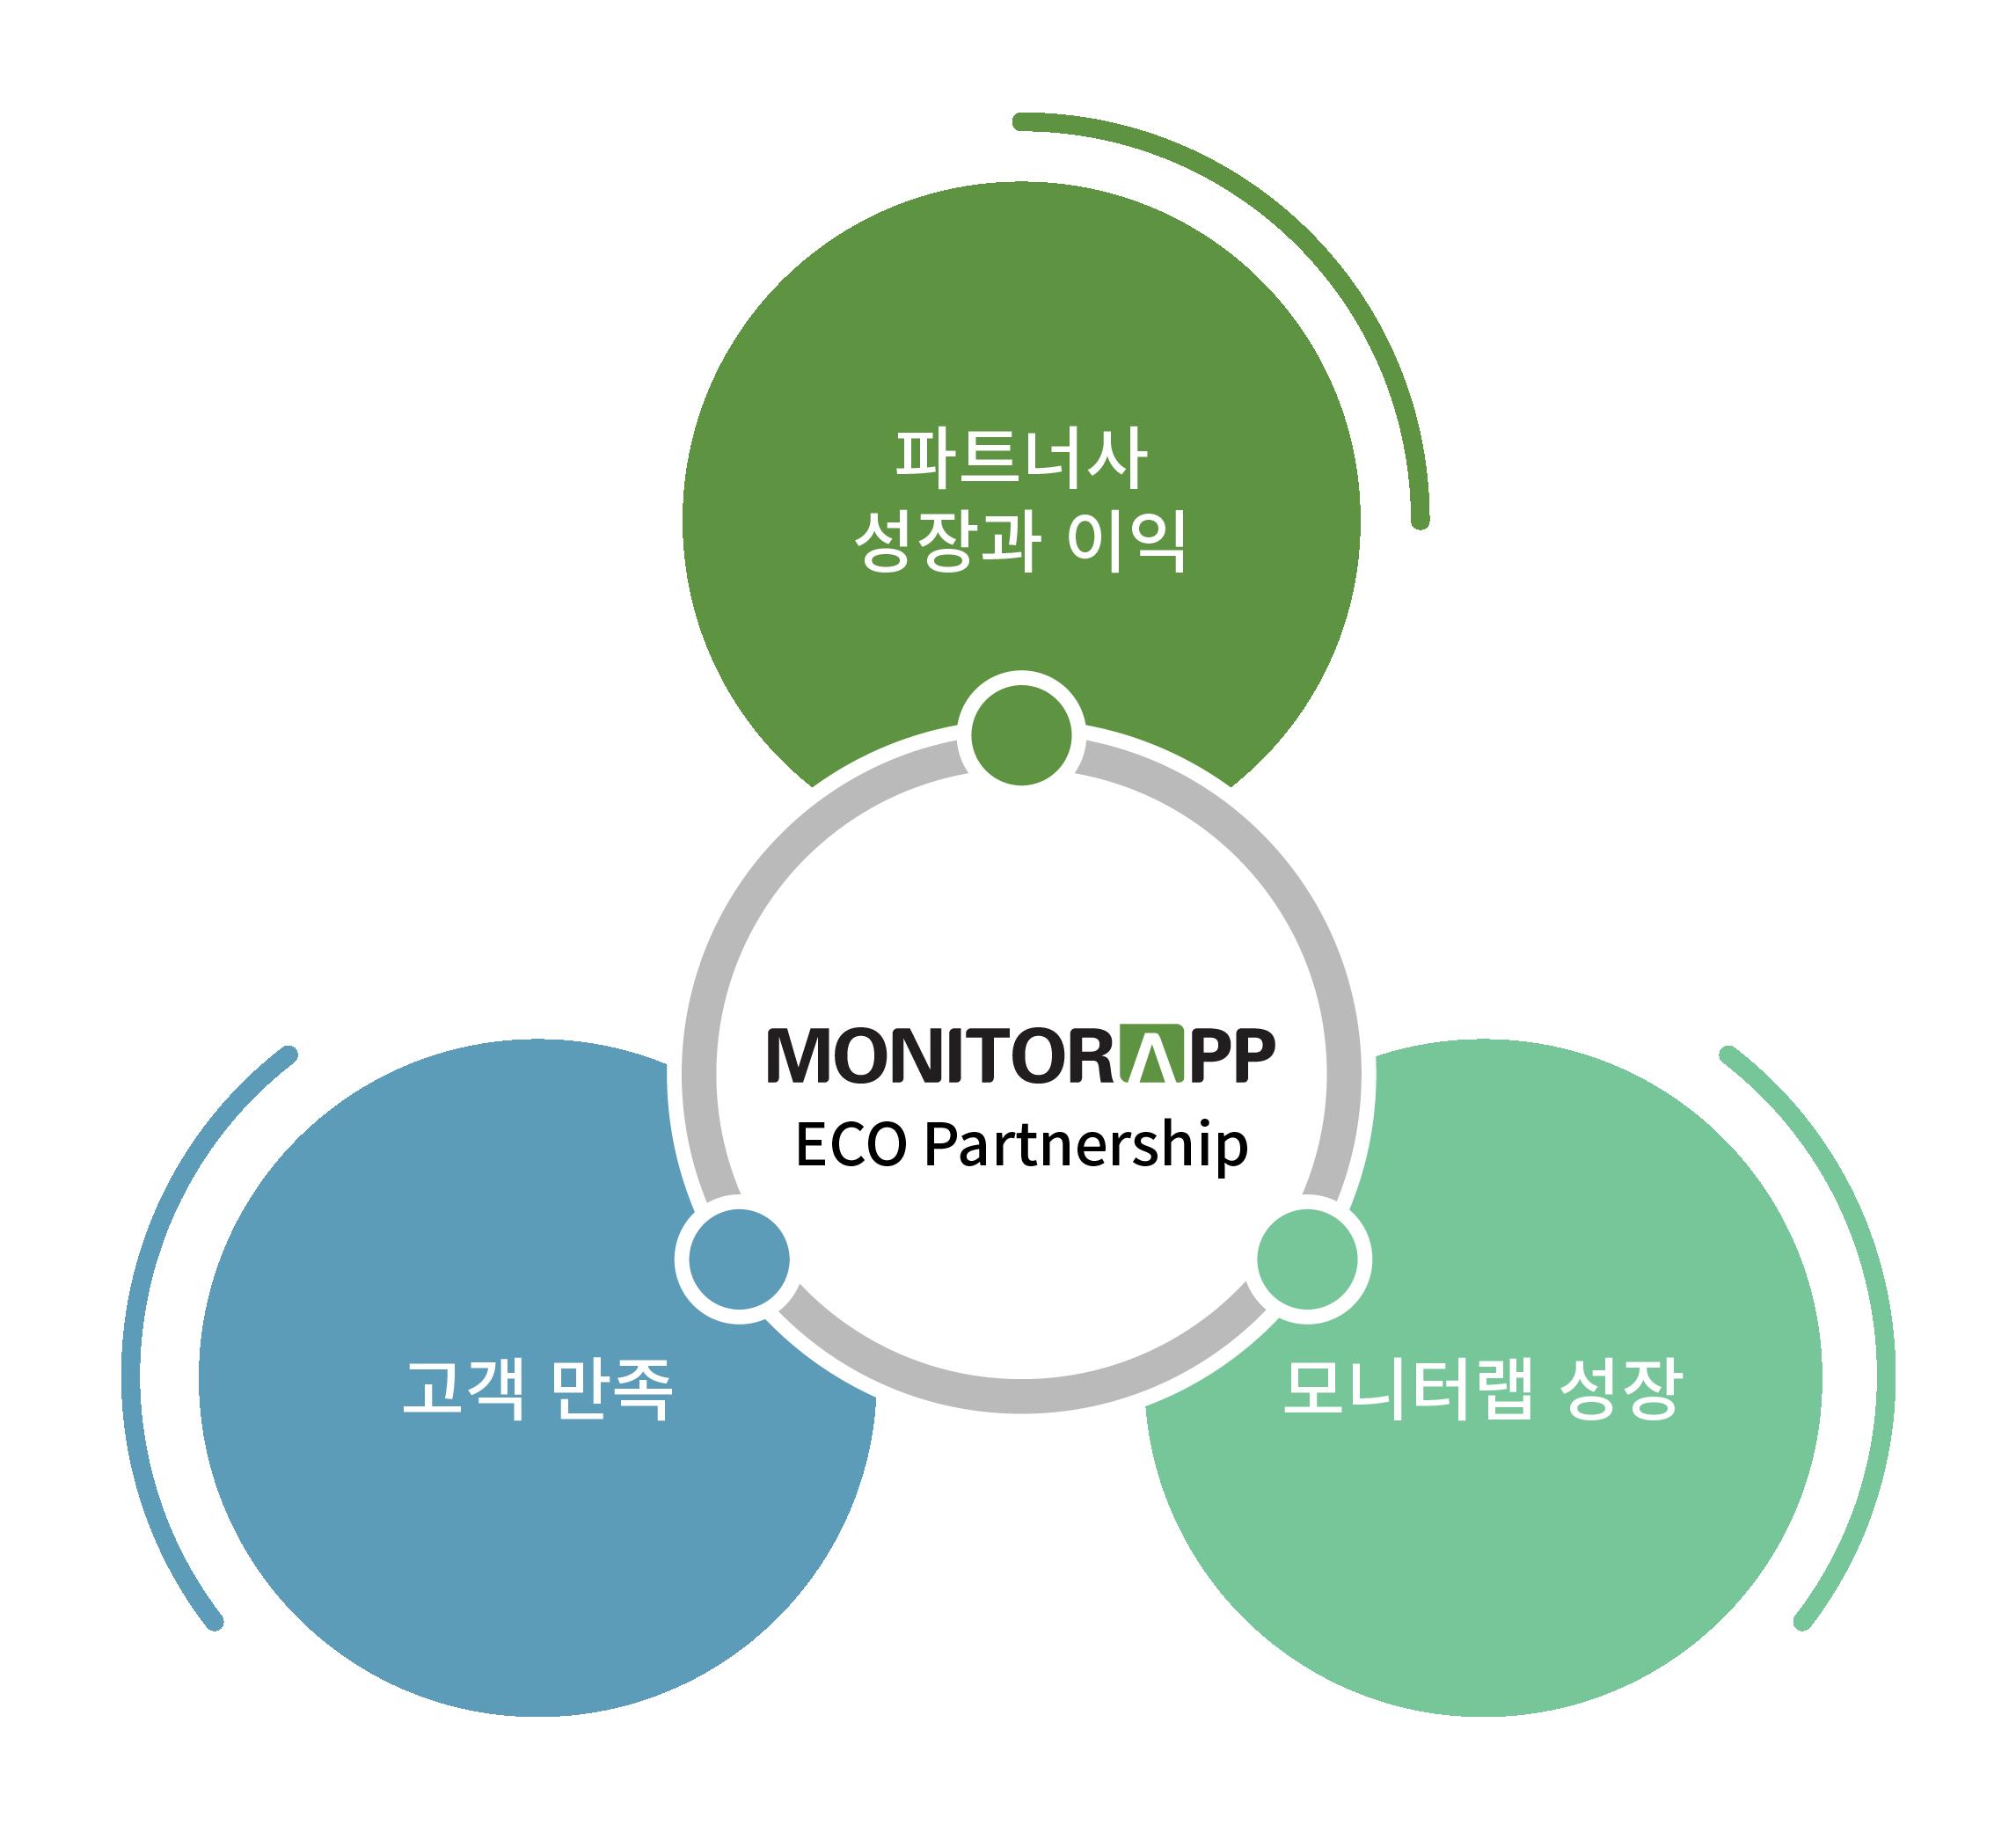 고객 만족 파트너사 성장과 이익 모니터랩 성장이라고 써진 푸른 원 3개 가운데 MONITORAPP ECO PARTNERSHIP이라고 쓰여진 원